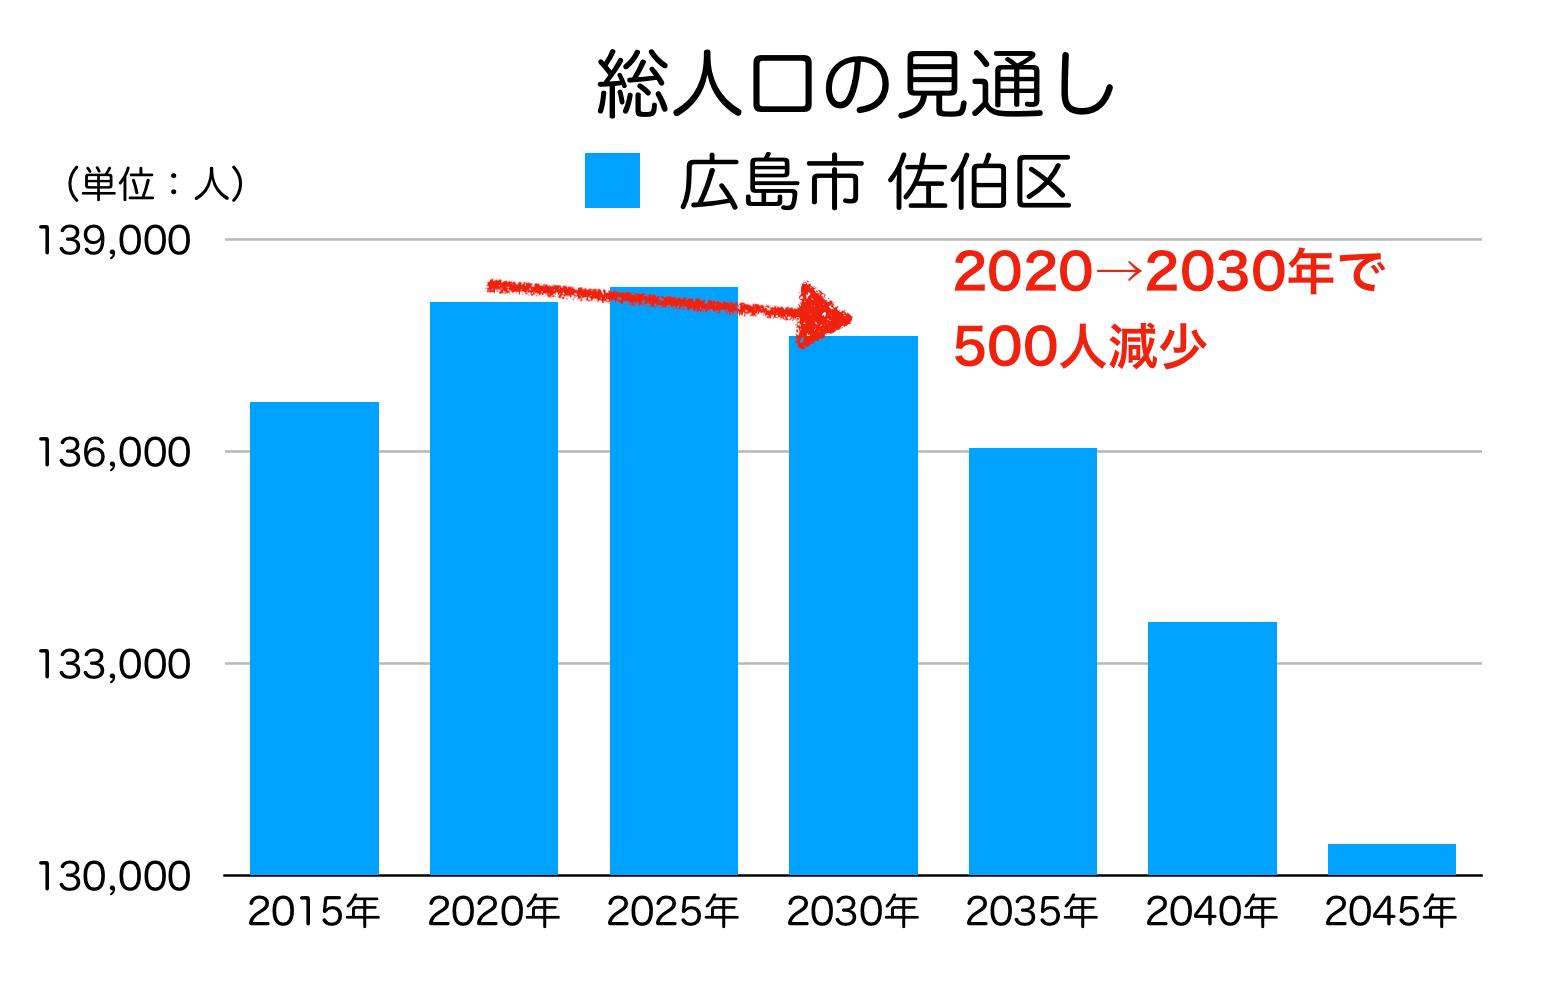 広島市佐伯区の人口予測